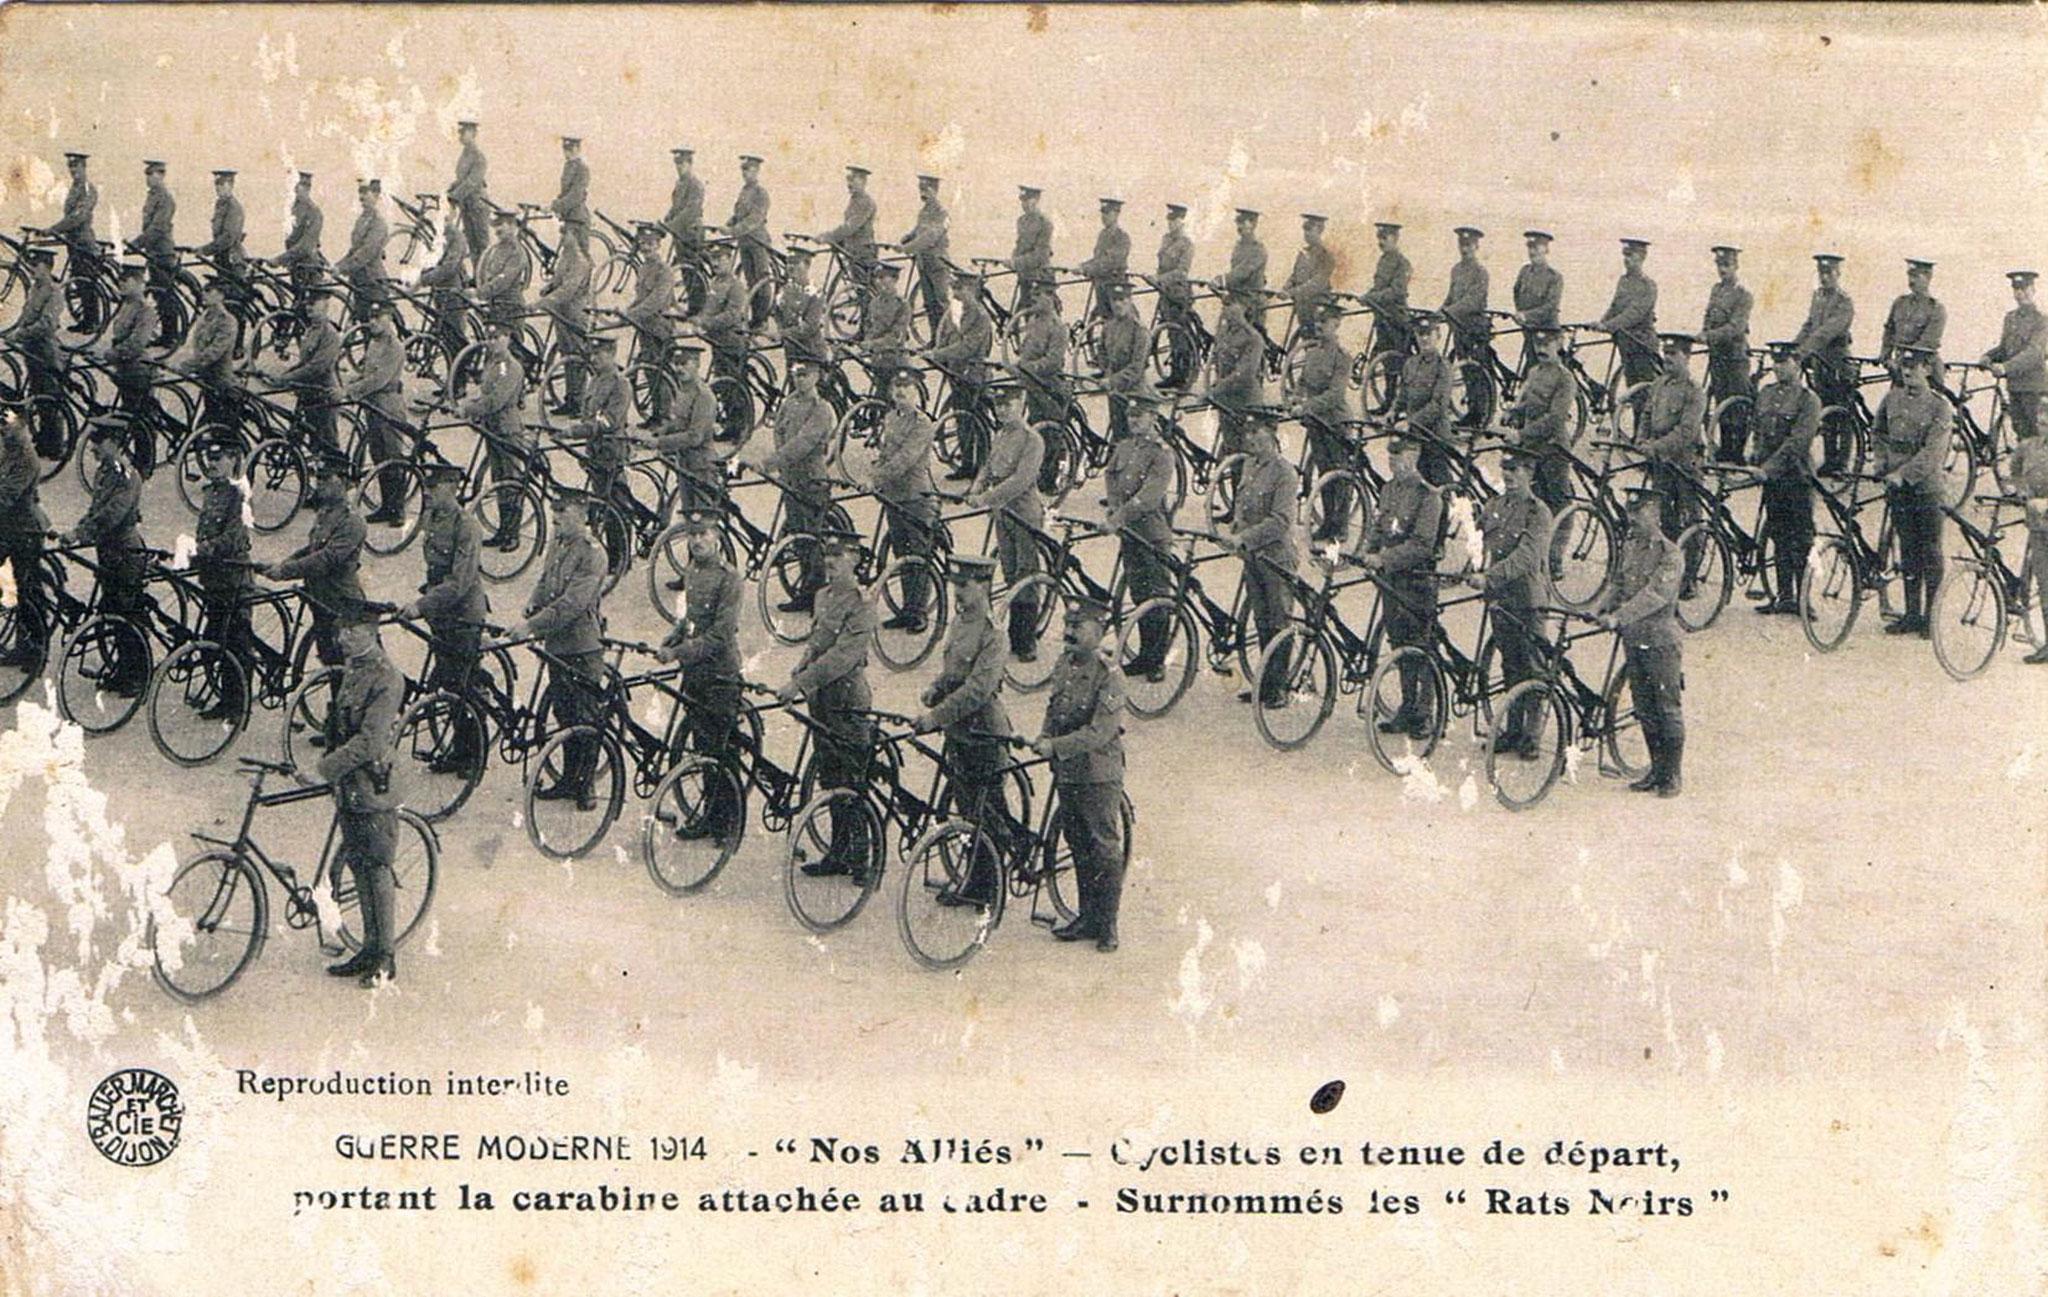 Cyclistes en tenue de départ